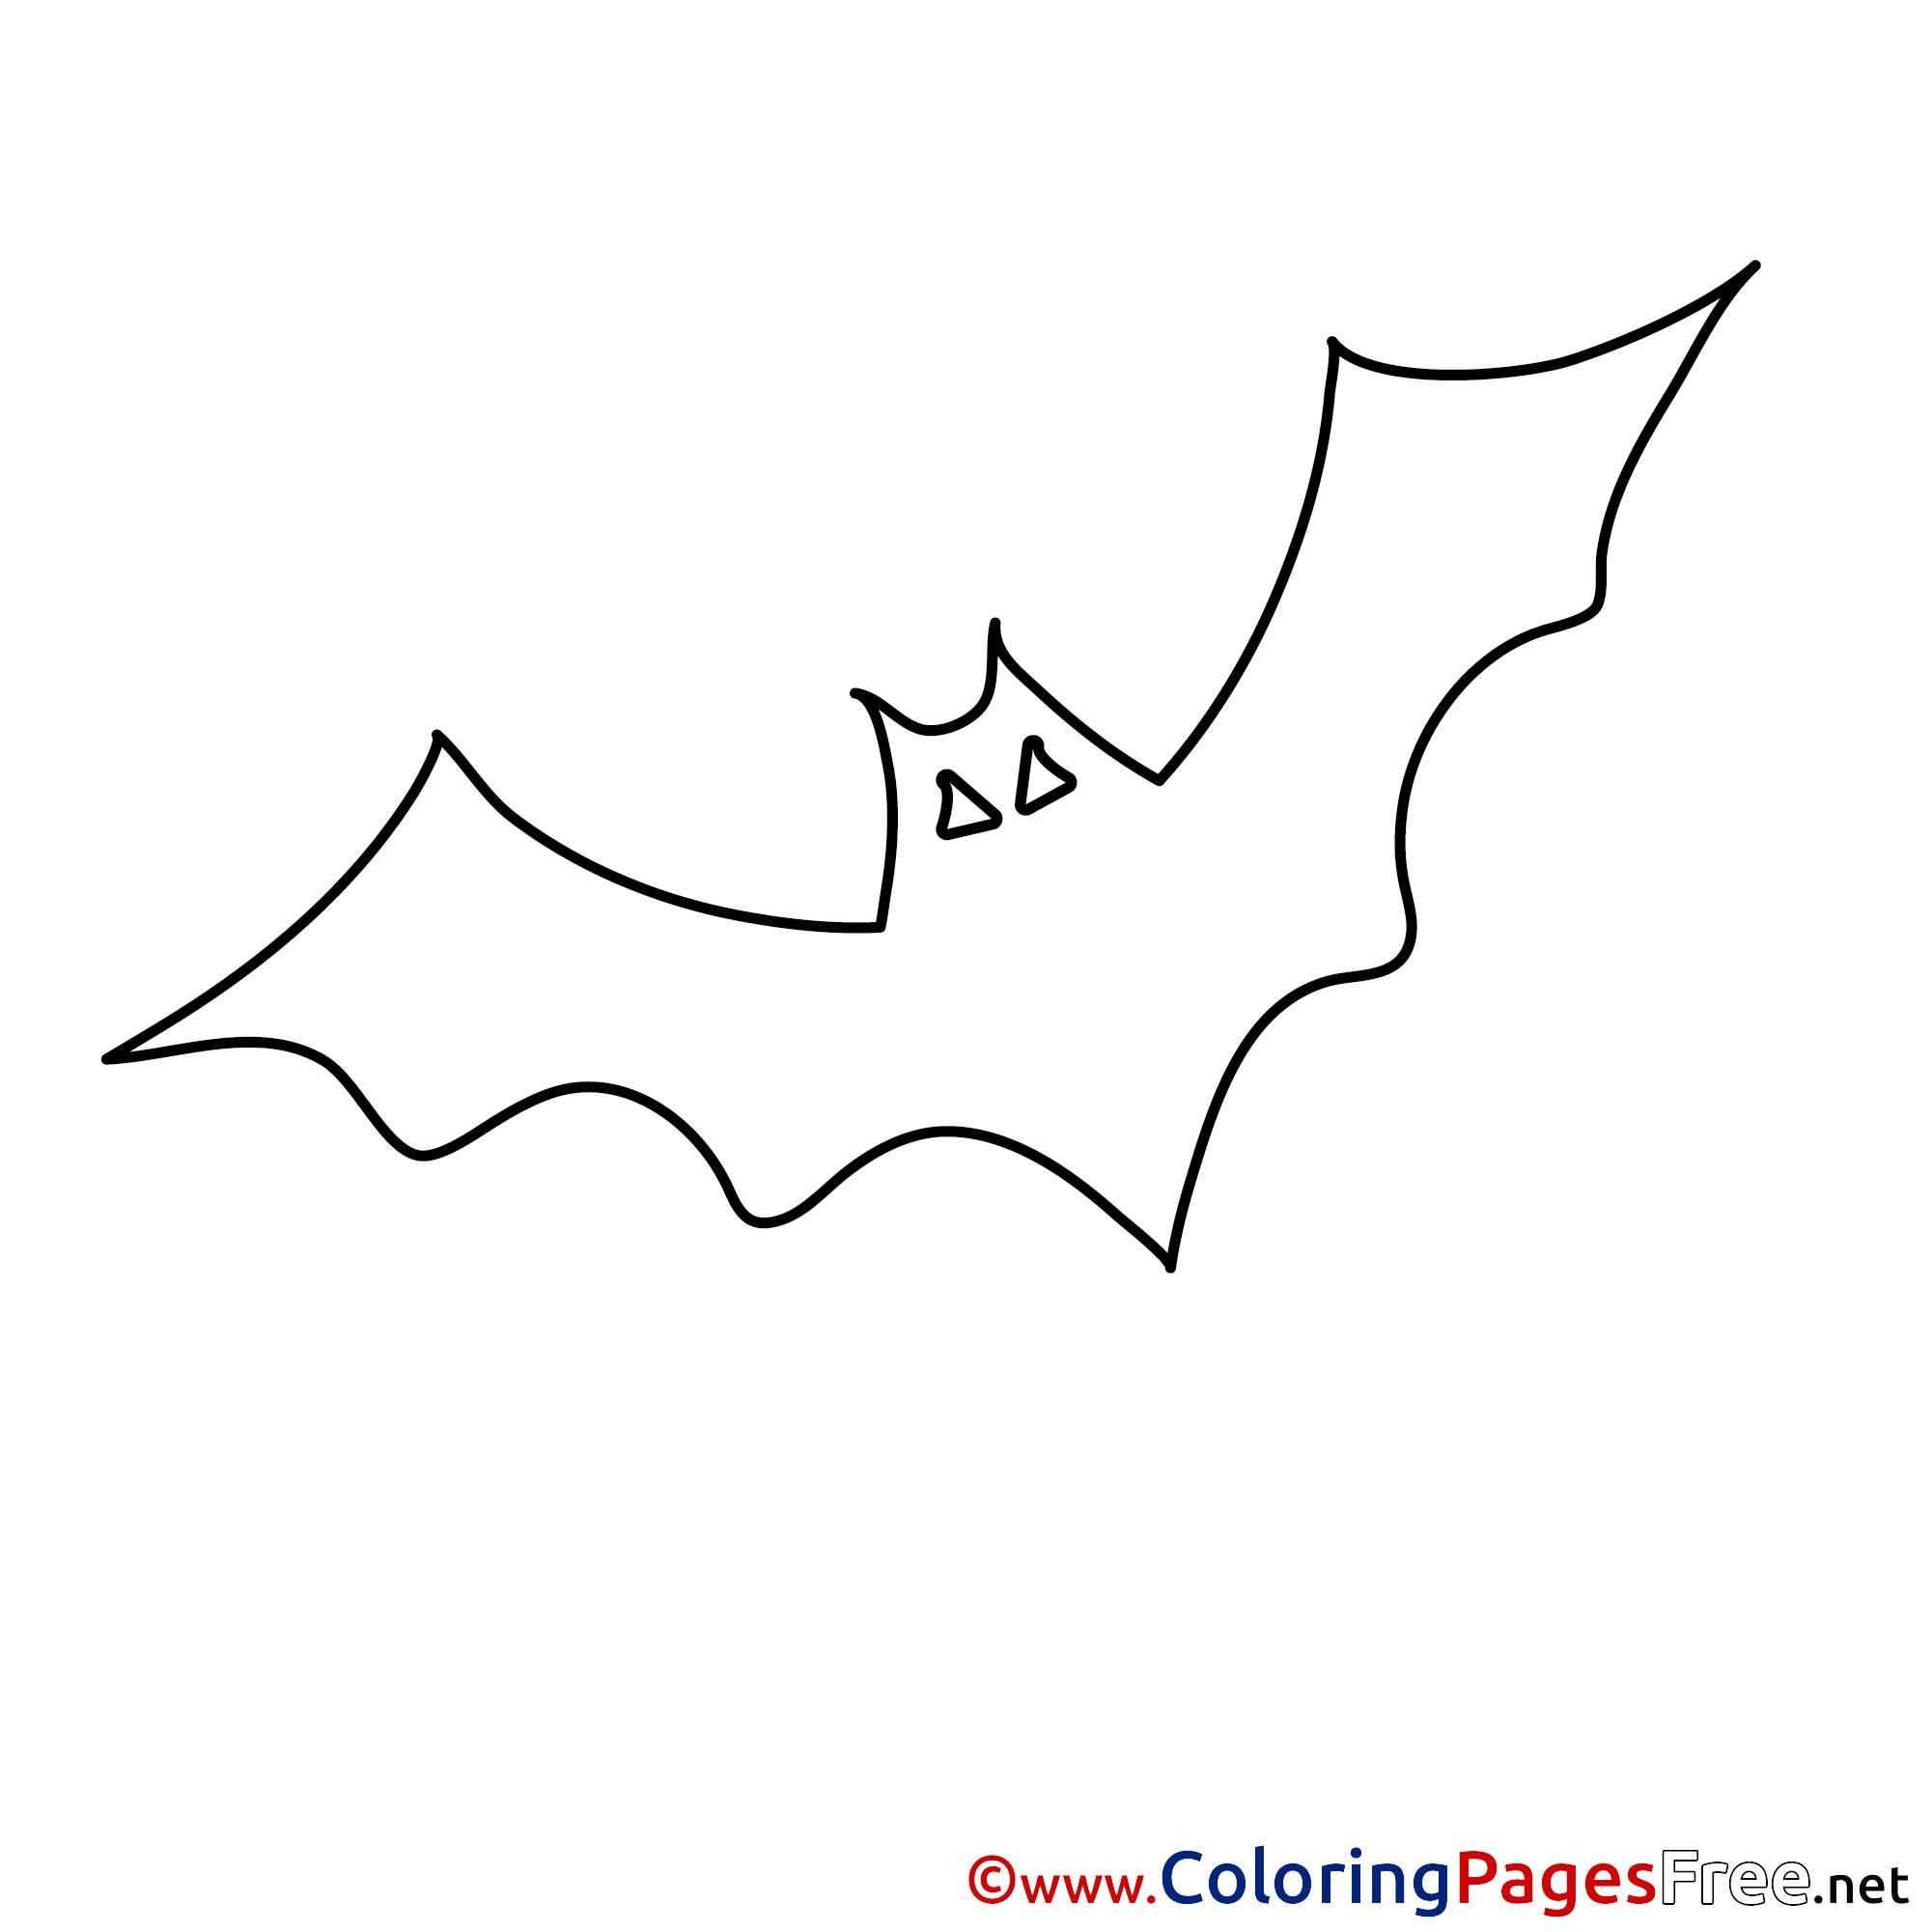 Vampire Bat Coloring Page Bats and Worksheets - Pinterest Coloring pictures of vampire bats